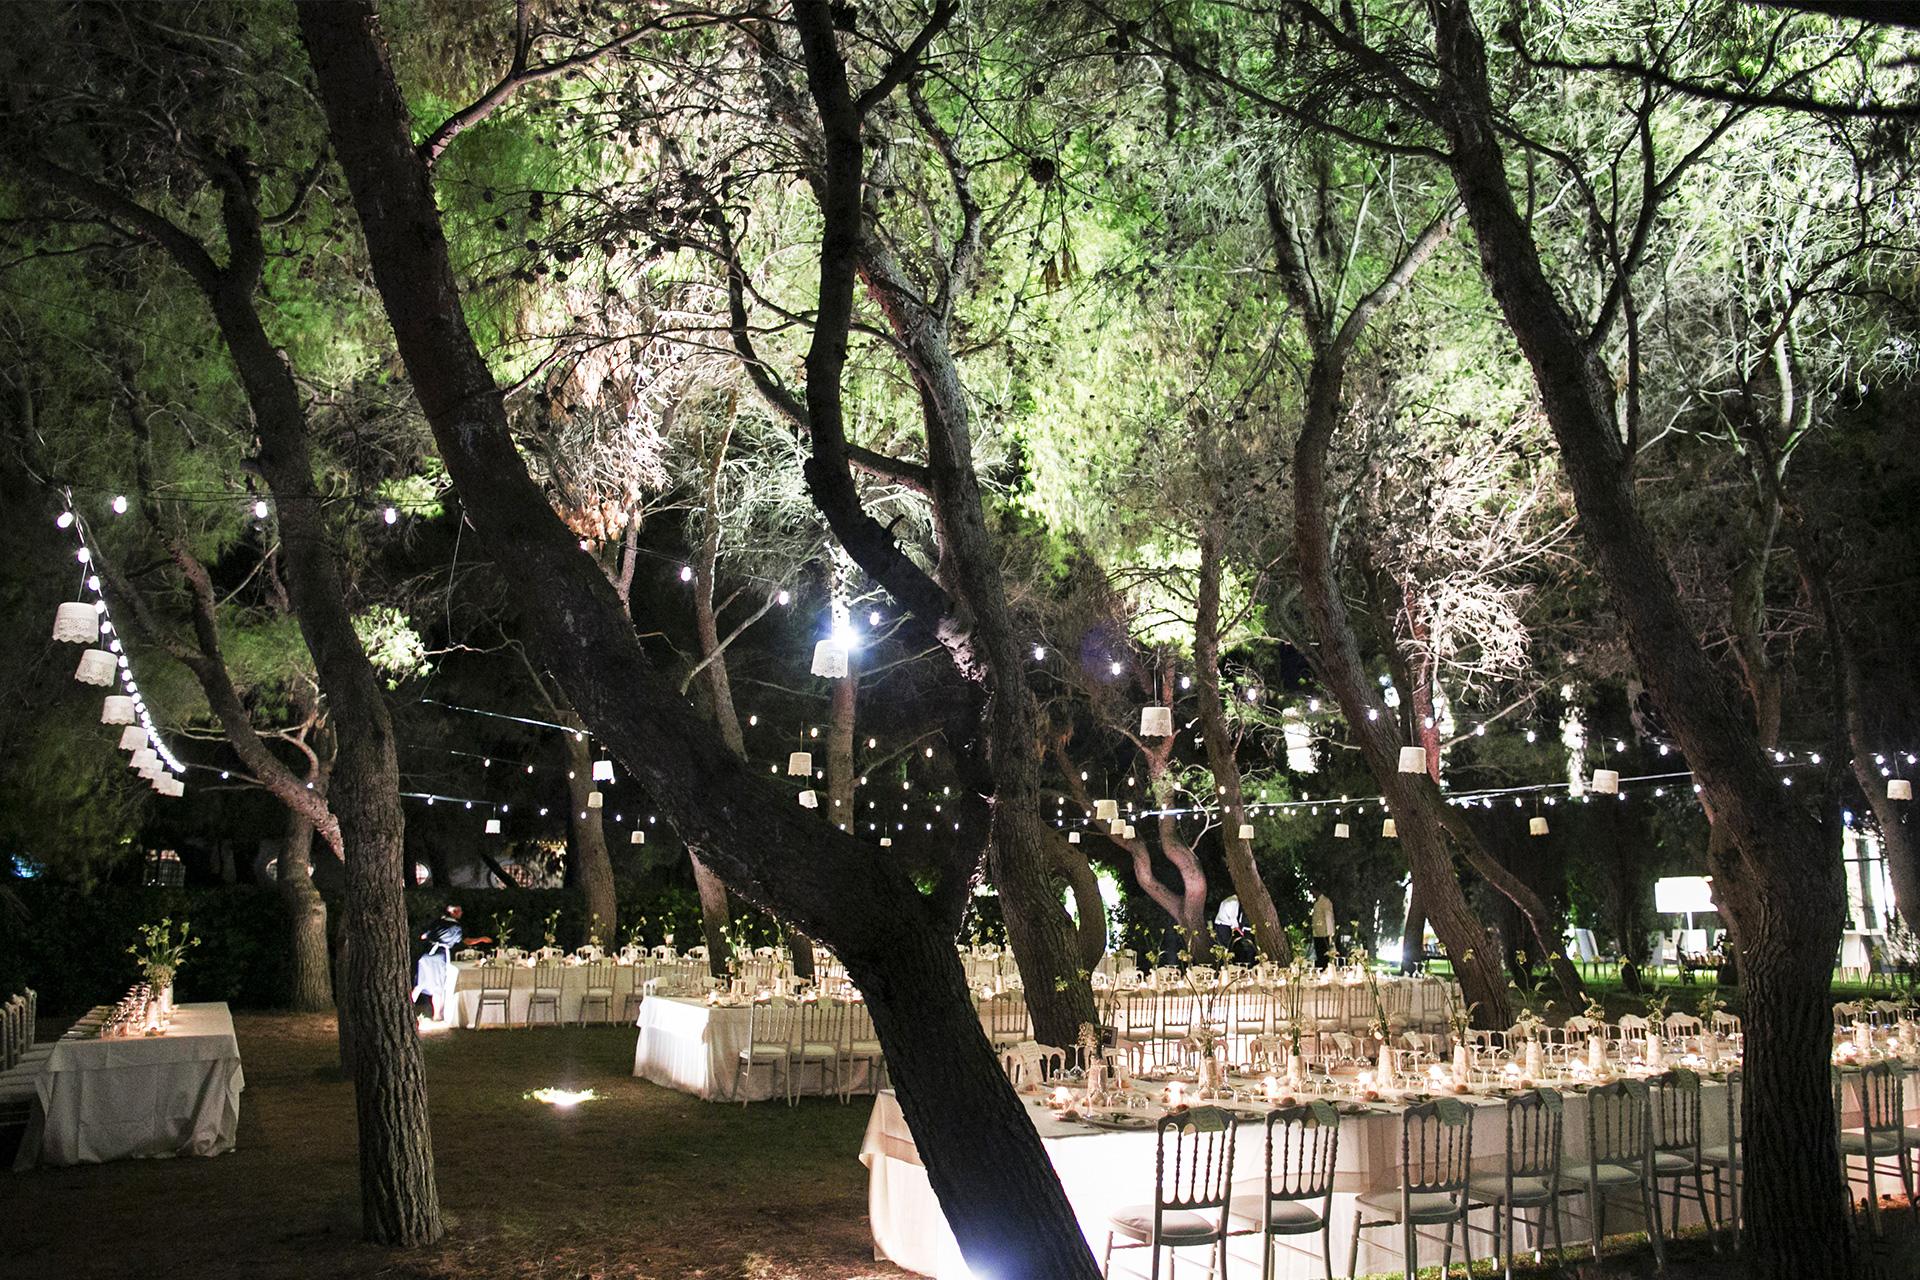 residenze d epoca matrimonio giardino ricevimento